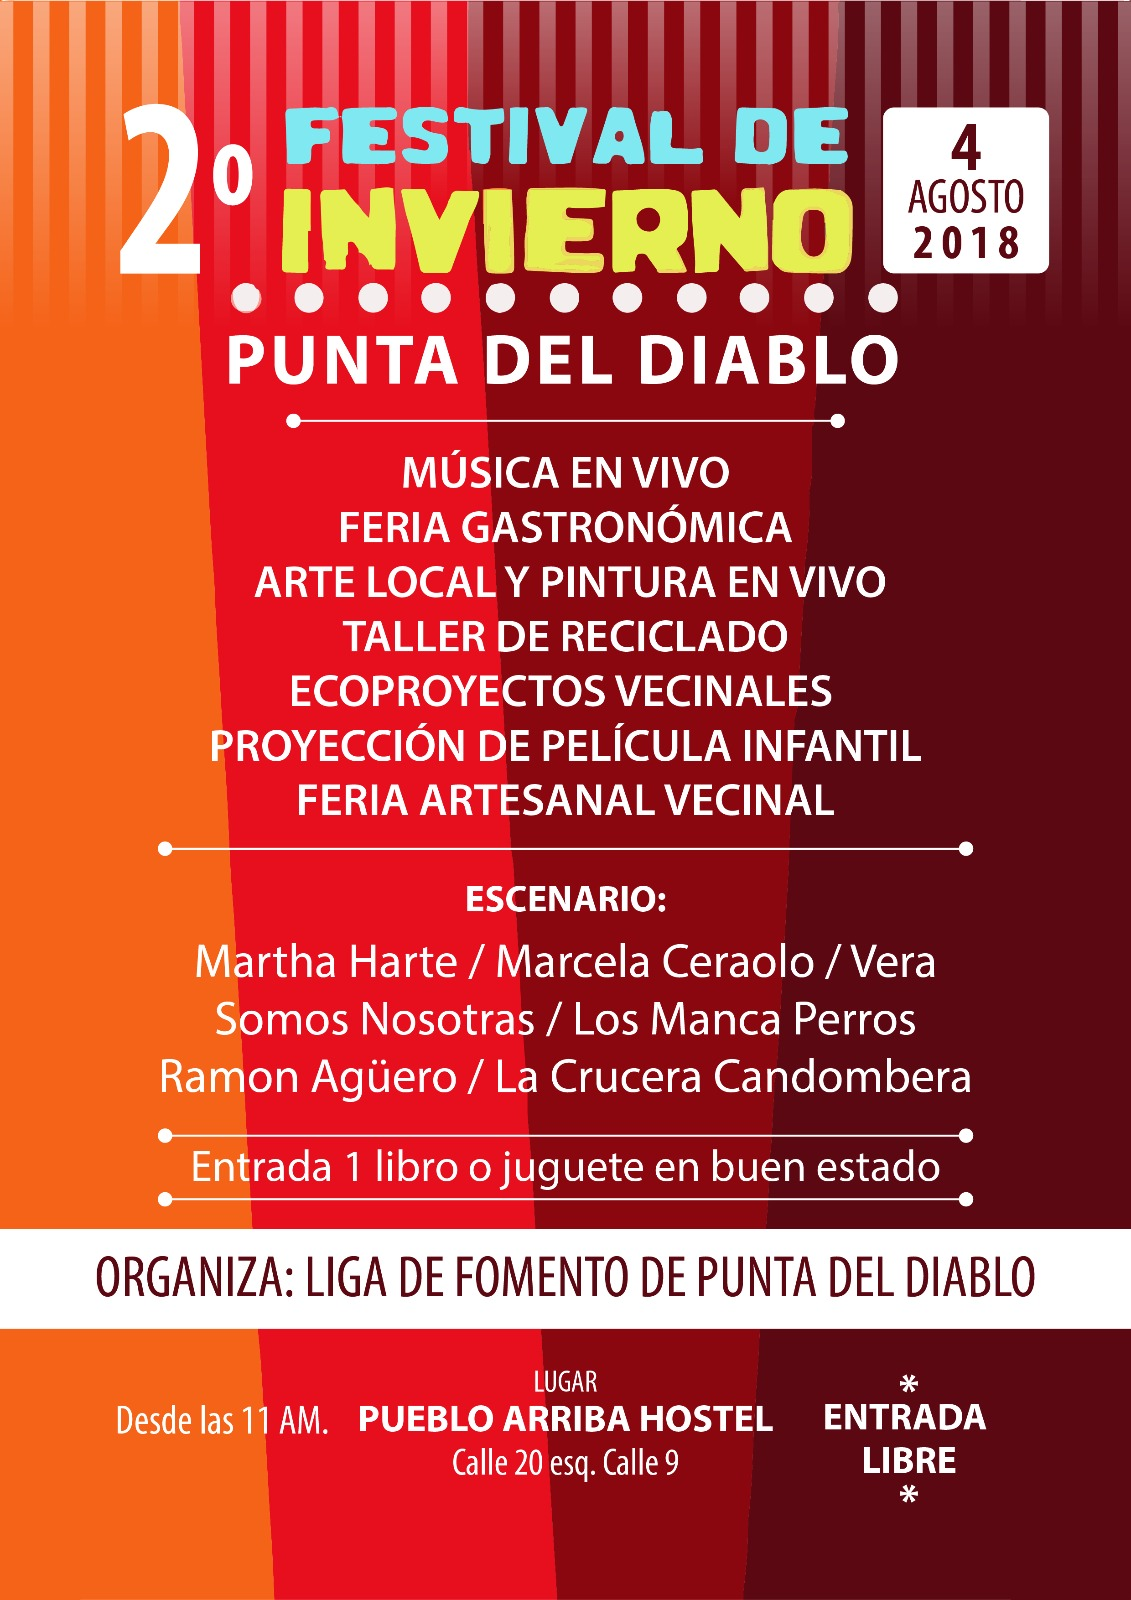 2º Festival de Invierno - Punta del Diablo